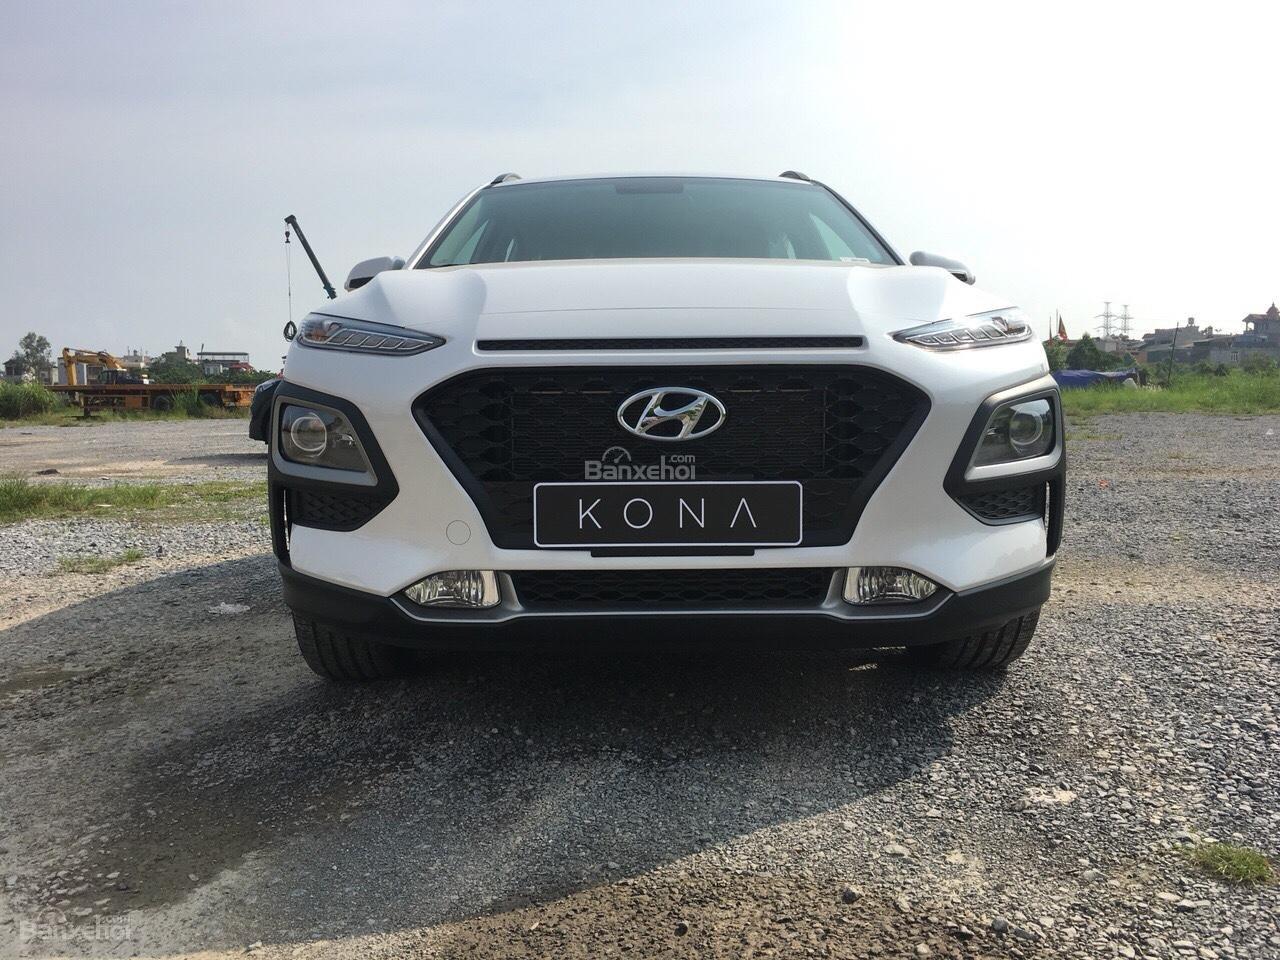 Hyundai Kona 2018 nhập nguyên chiếc, giao ngay, KM cực cao, trả góp 90%, giao ngay, lh ngay: 0981476777 để ép giá-5